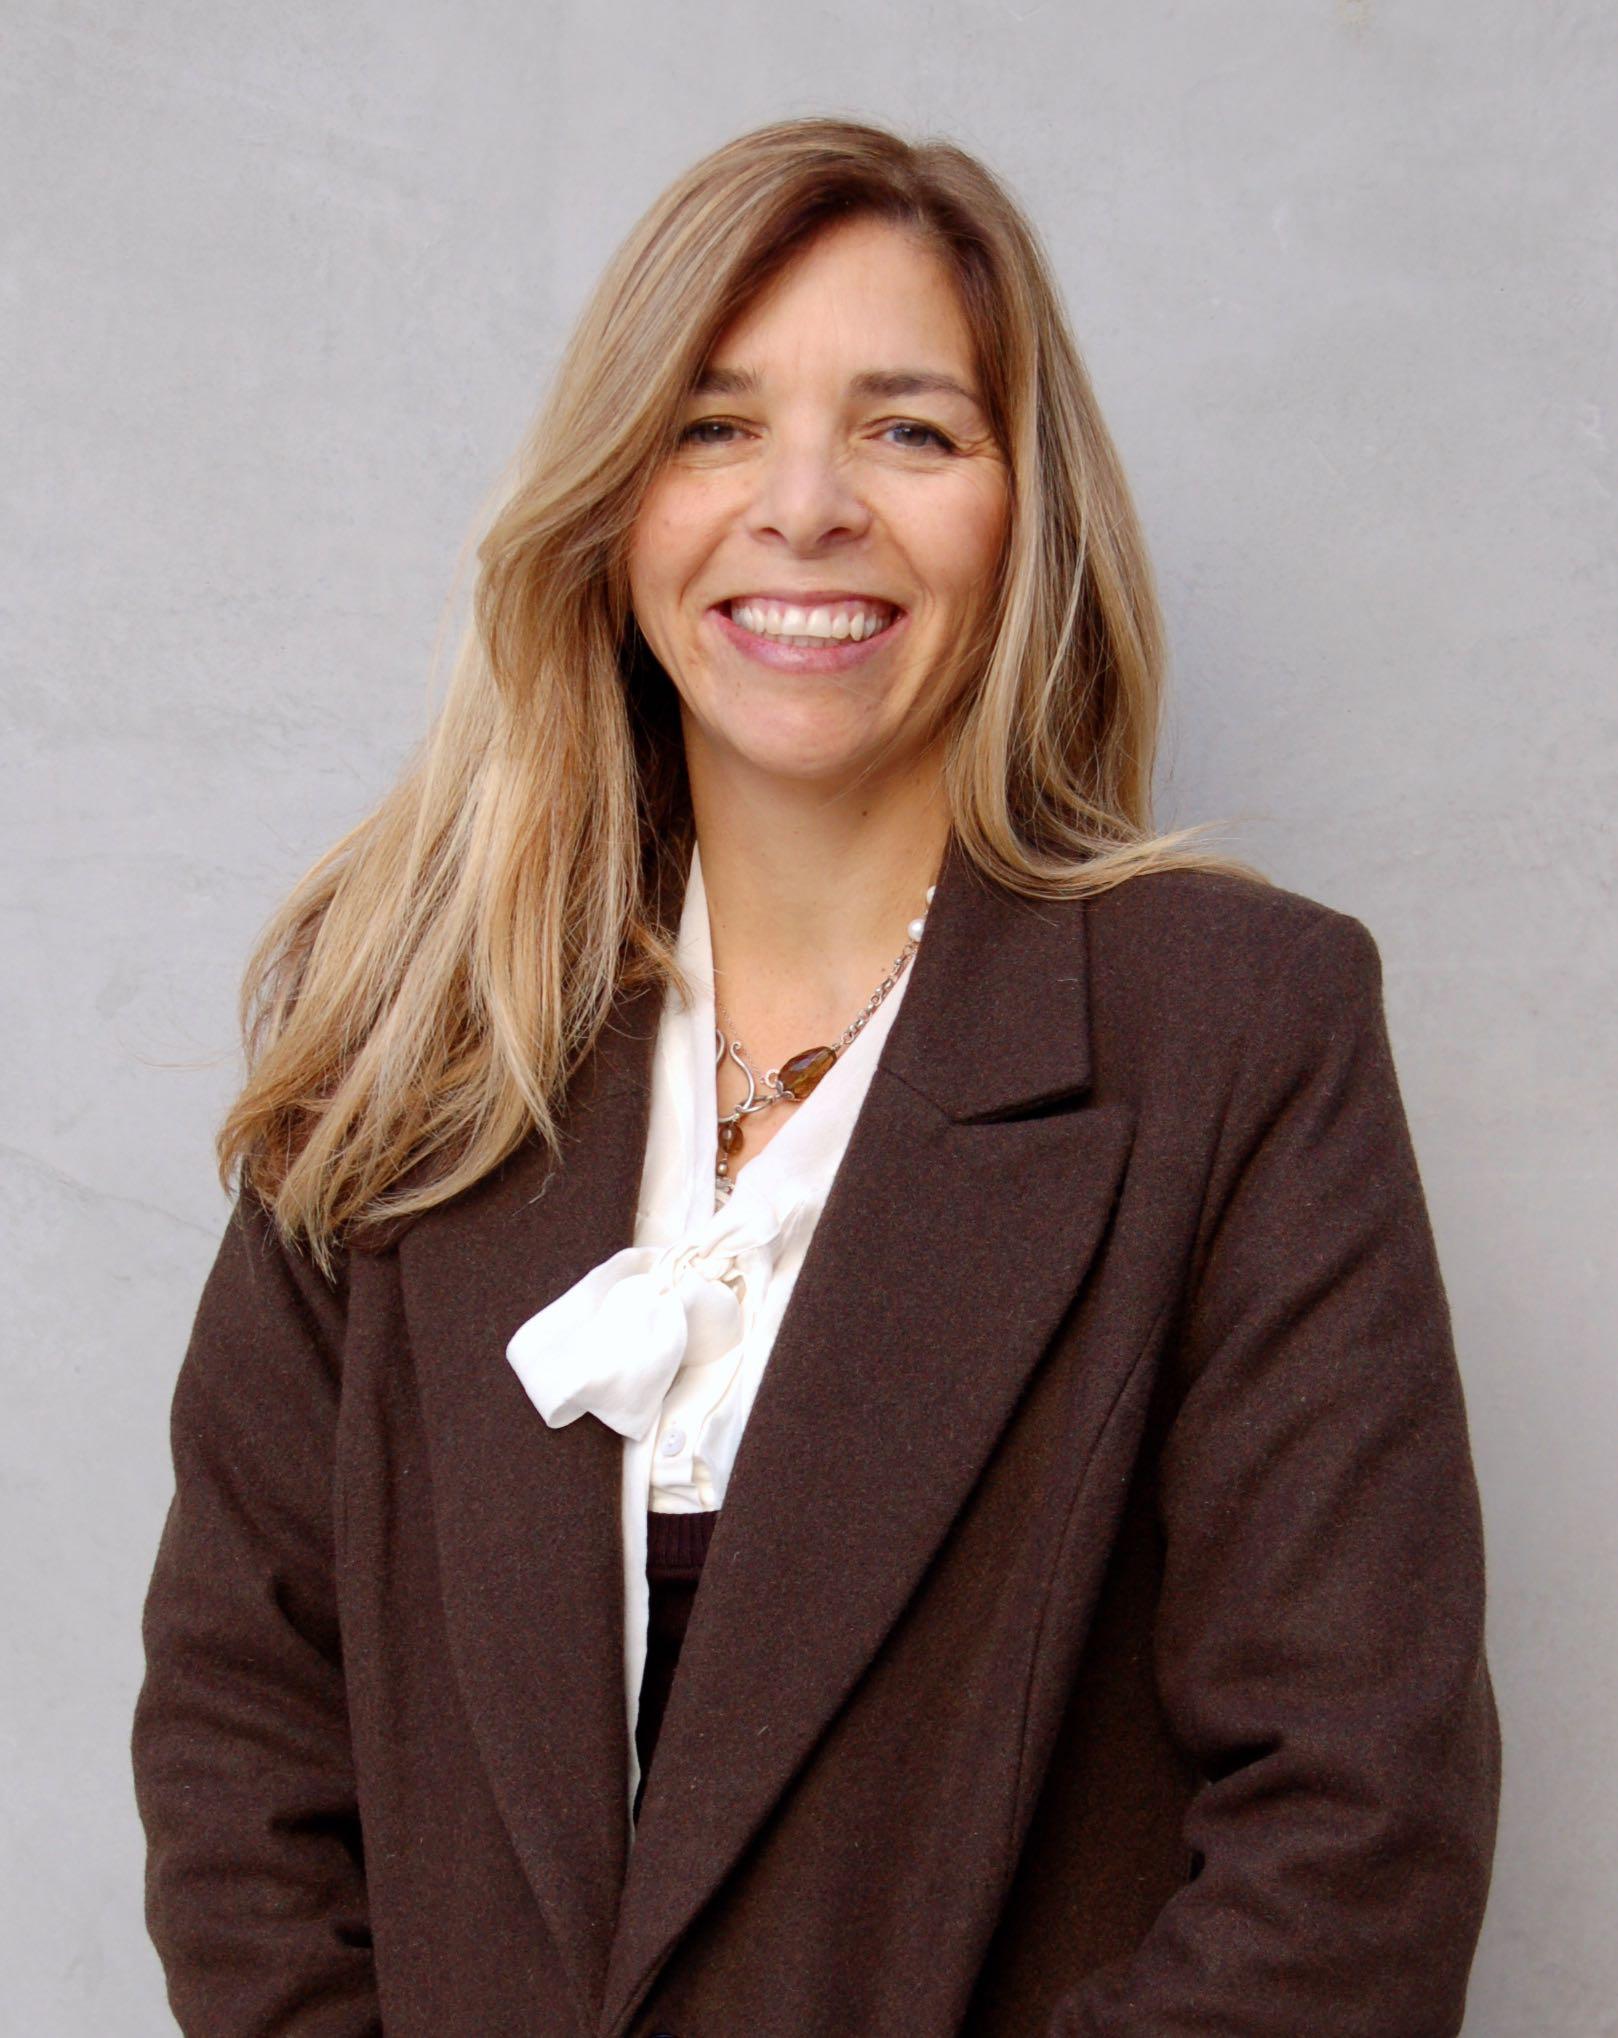 Maria Legato